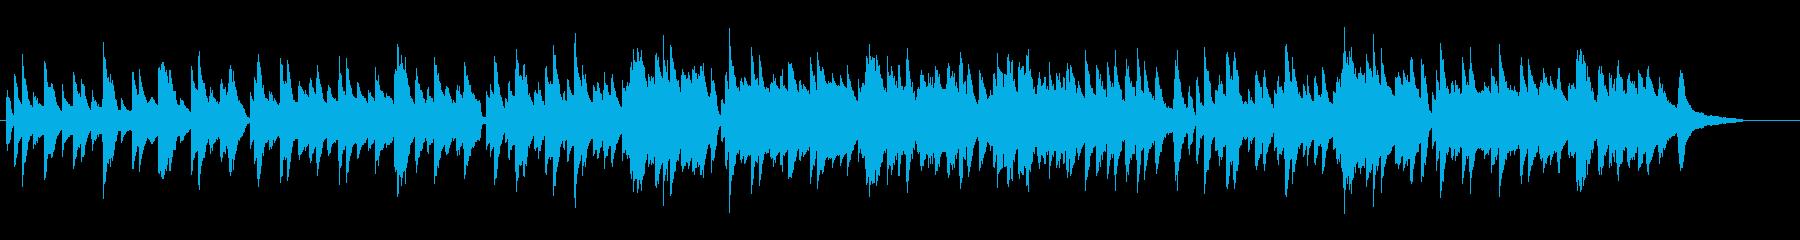 牧歌的なピアノ曲の再生済みの波形